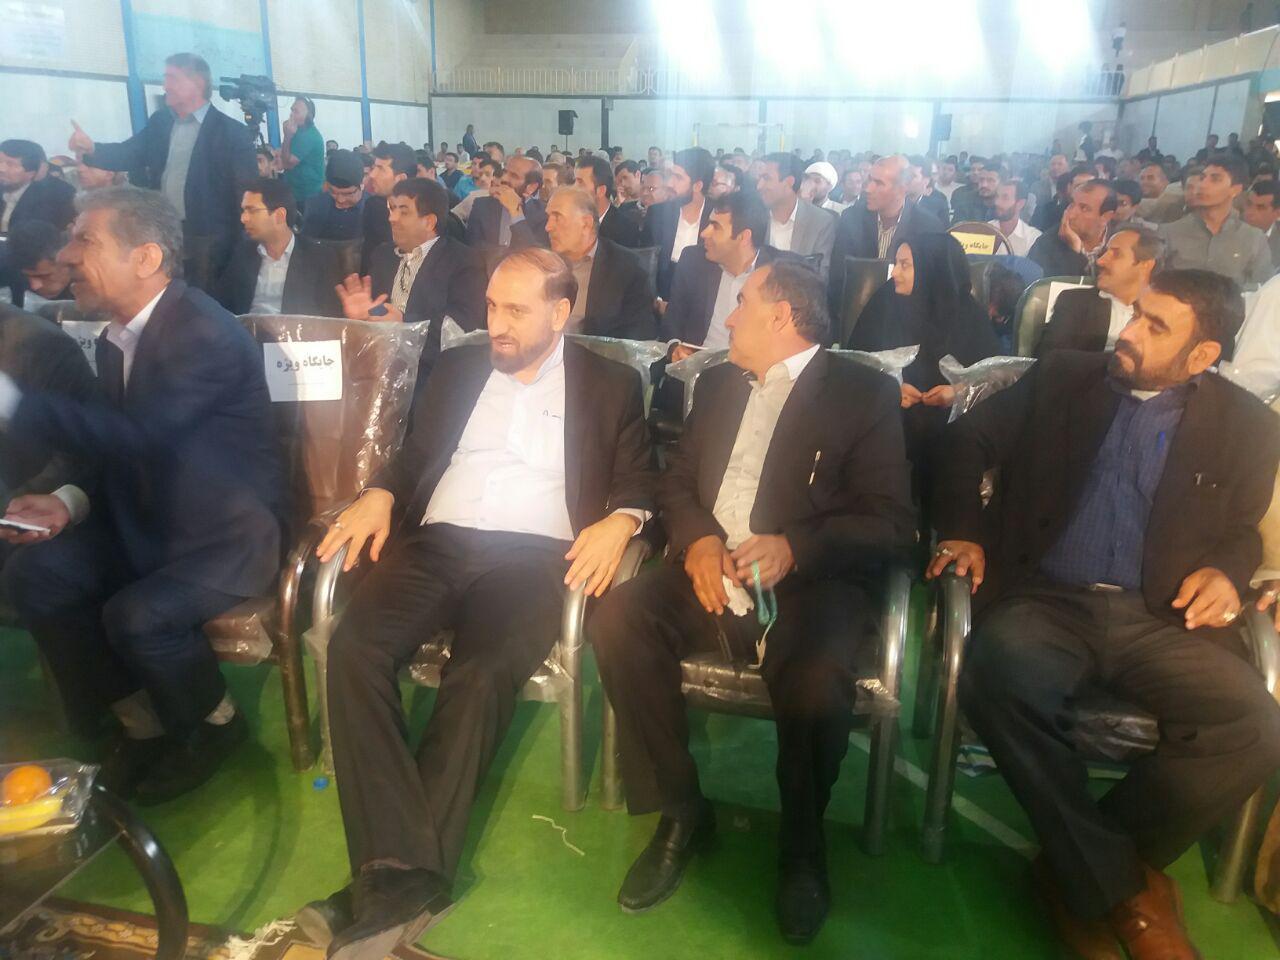 با حضور مسئولان کشوری و استانی برگزار شد؛ همایش توسعه و عمران شهرستان بهمئی